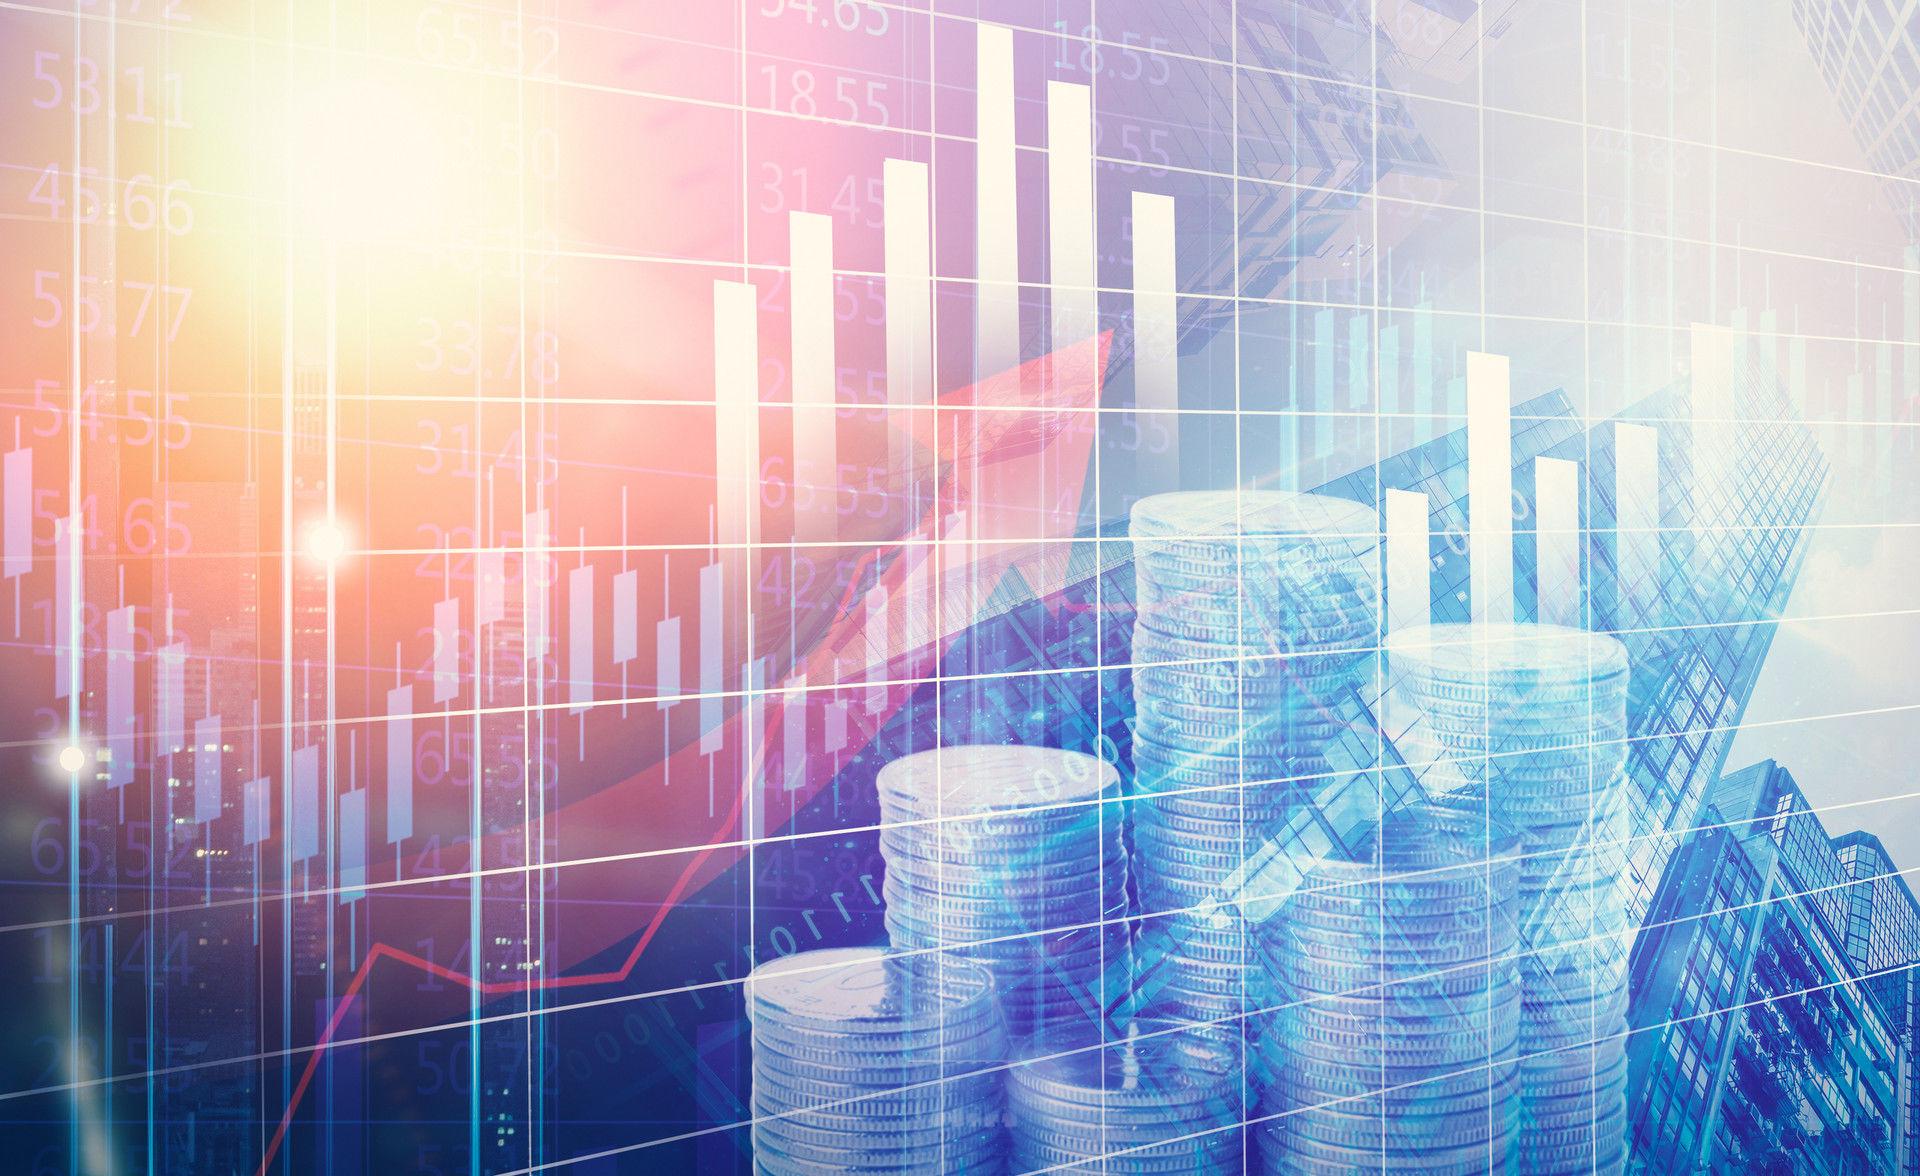 「转股溢价率」可转债成交额激增 基金经理提示高估值风险